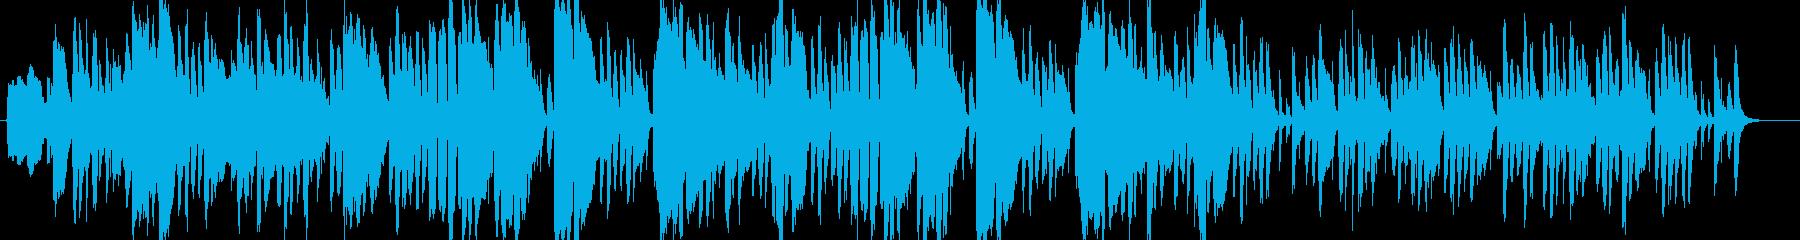 ラテン 情熱的・エロ・歌謡曲っぽいの再生済みの波形